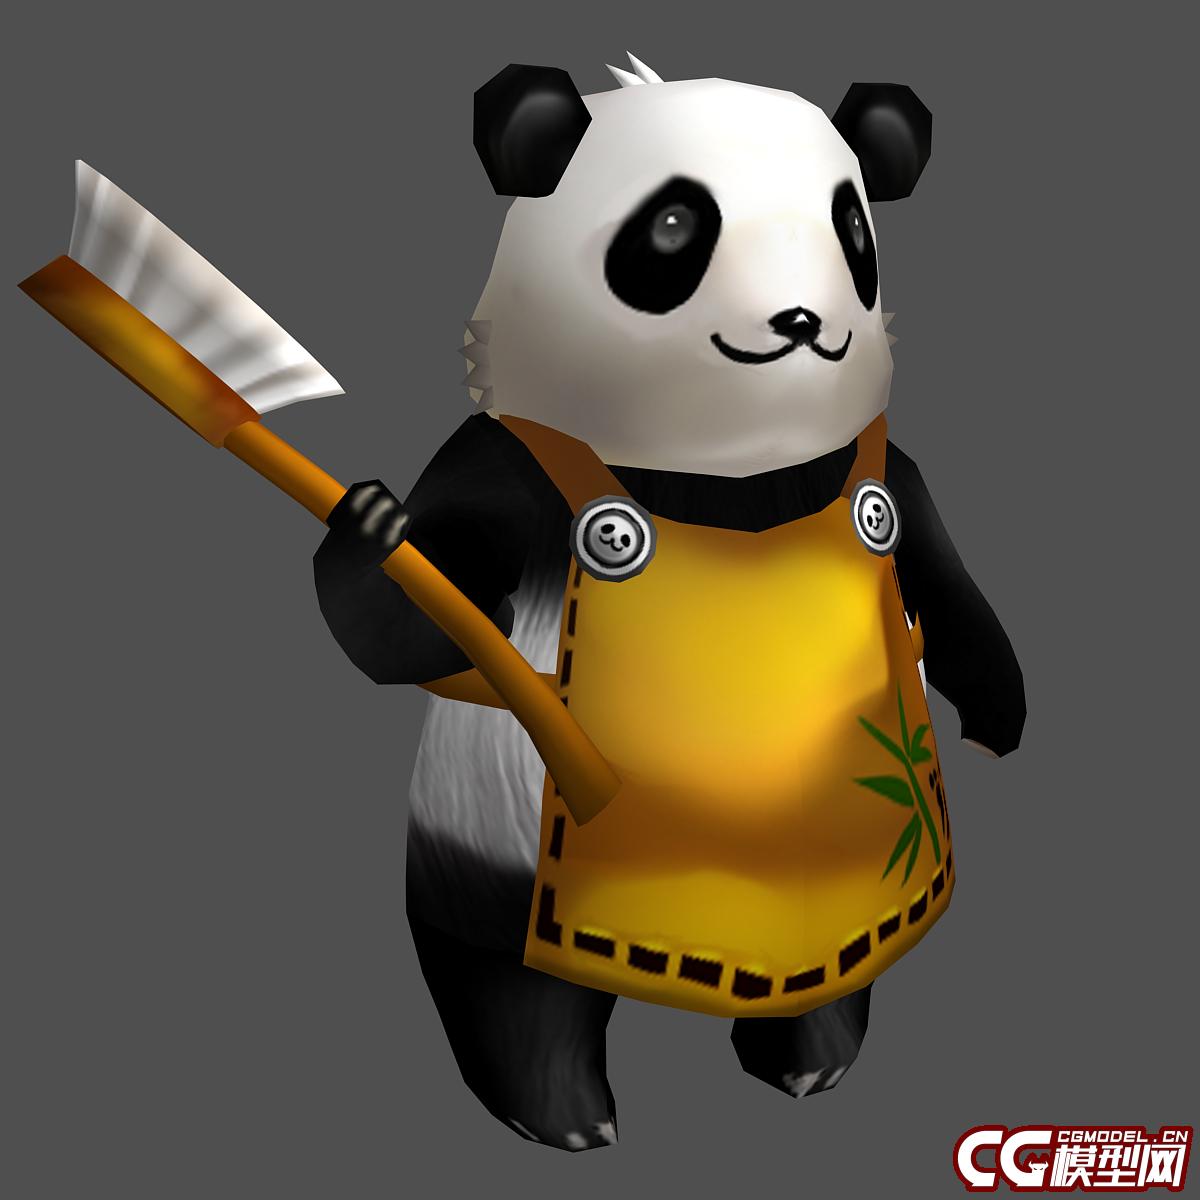 可爱的卡通q版熊猫,大熊猫,小熊猫,有一个待机动画,带骨骼蒙皮